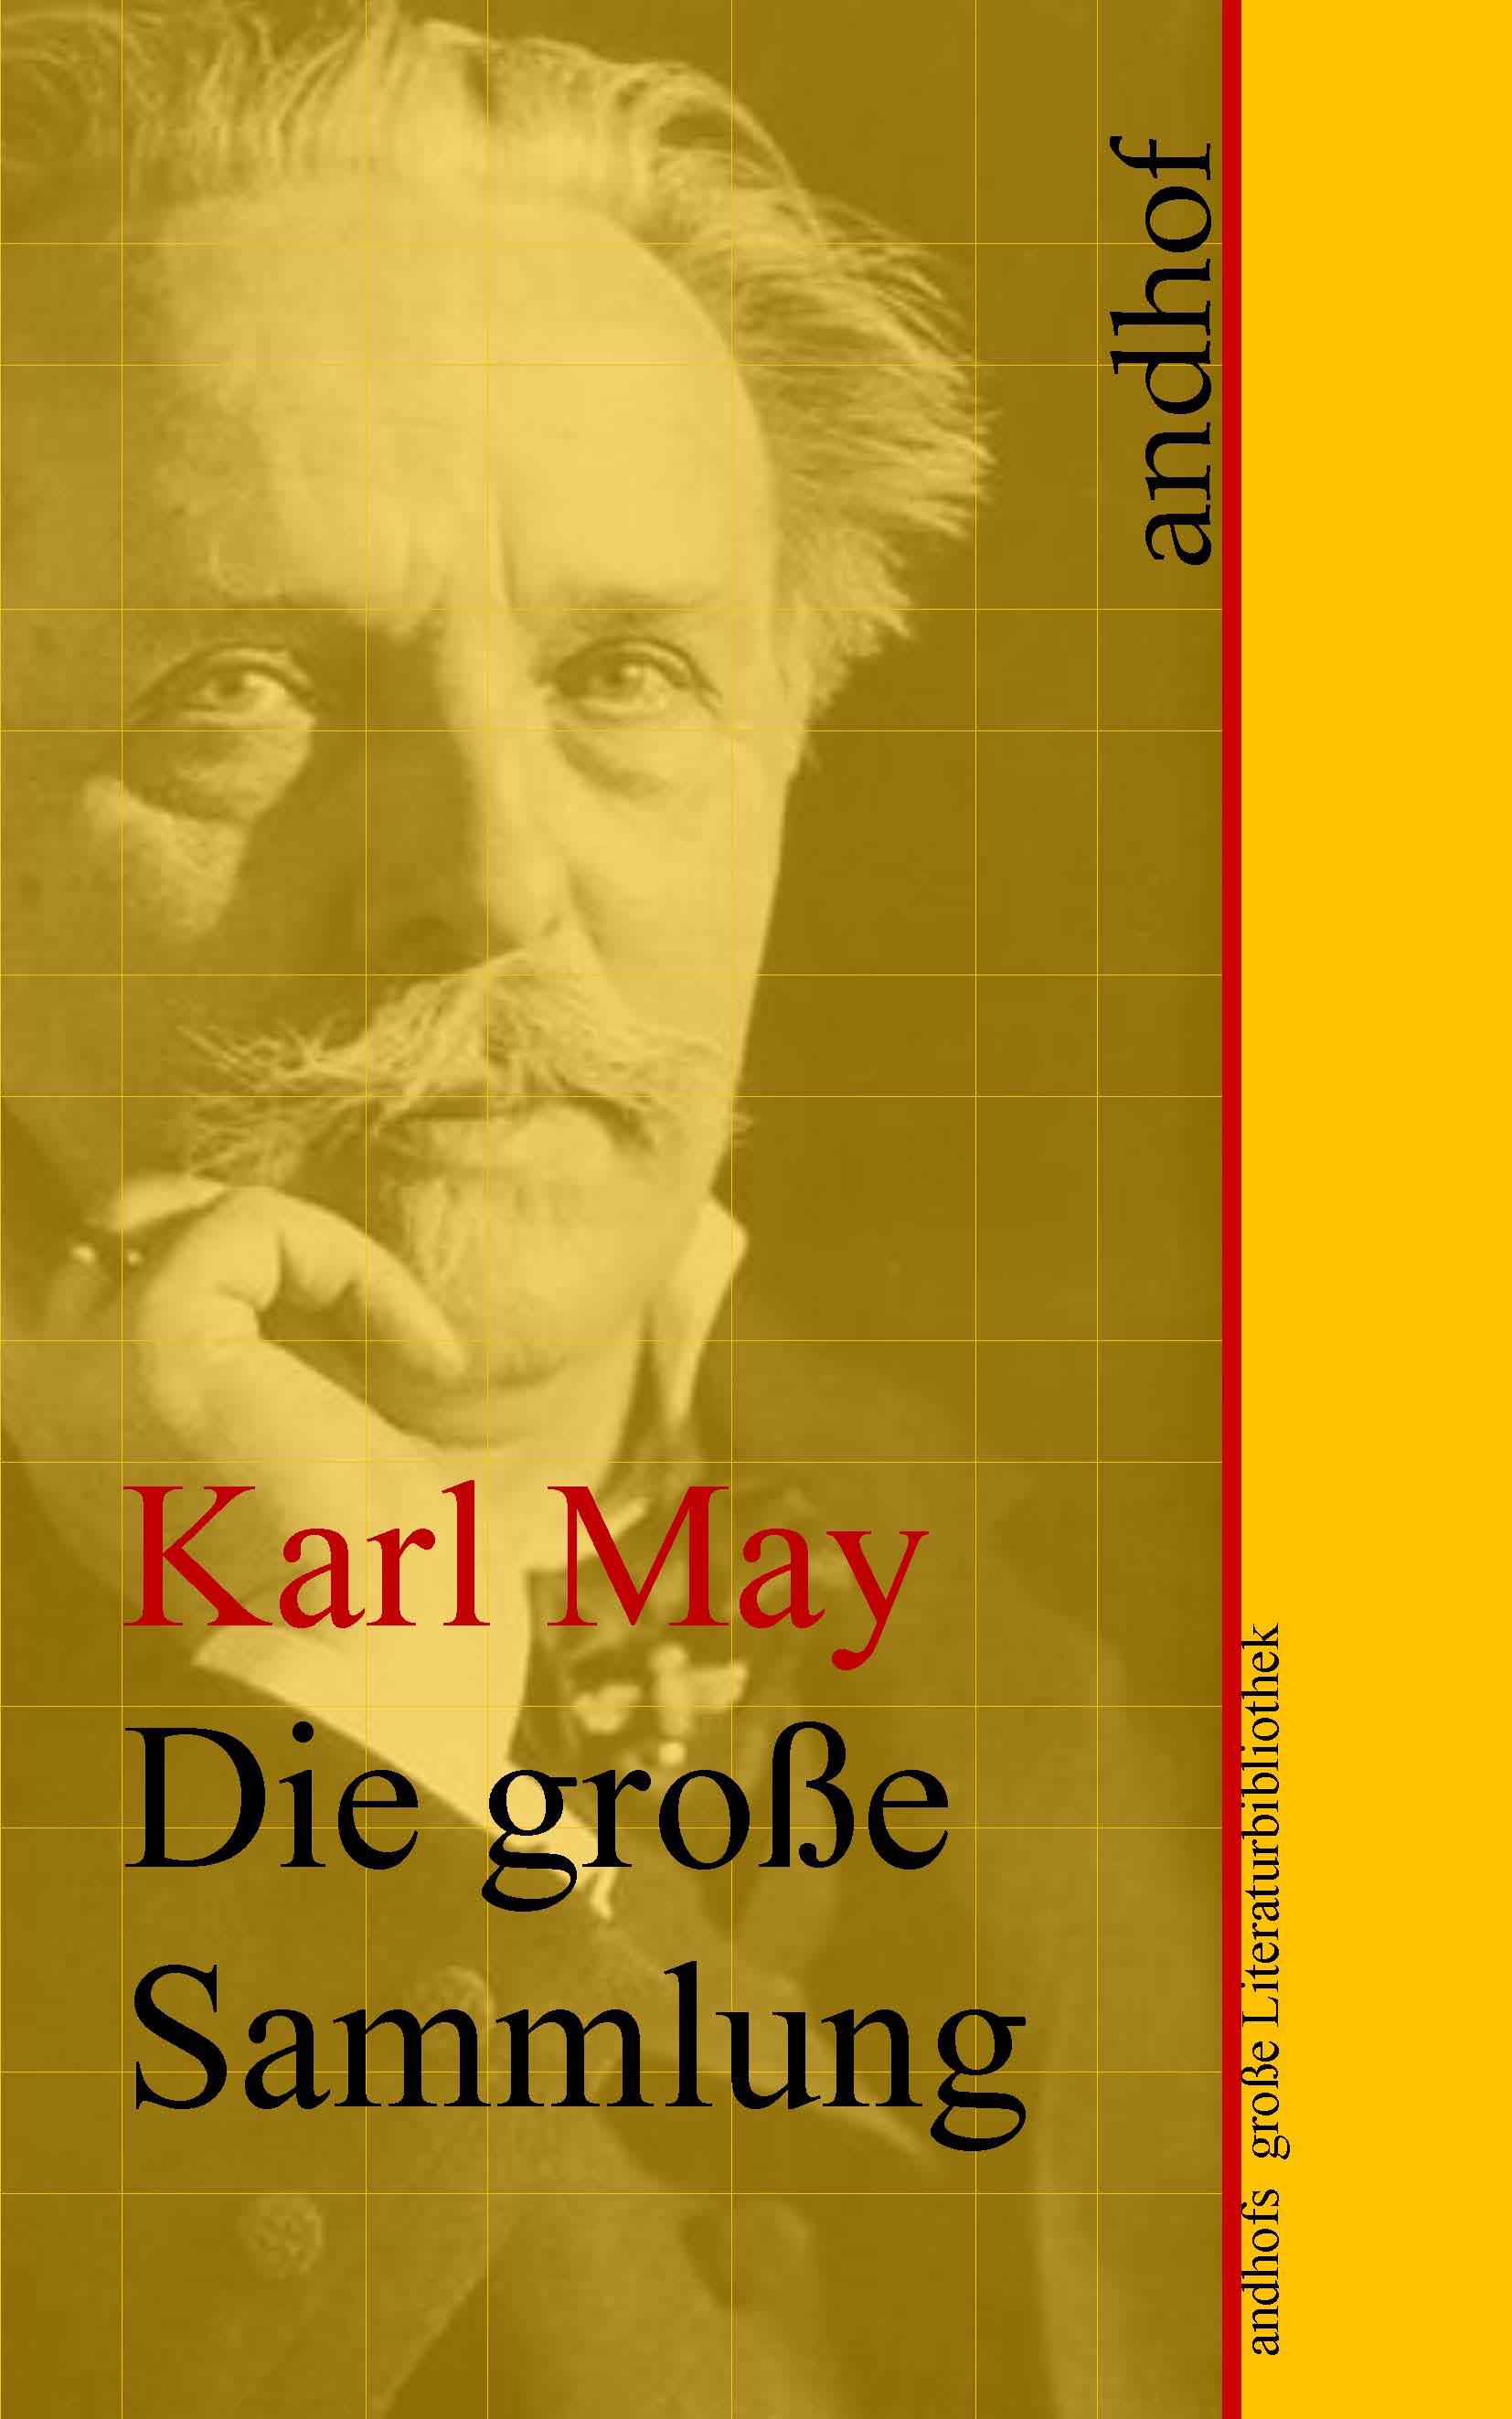 Karl May Karl May: Die große Sammlung g benda sammlung italienischer arien